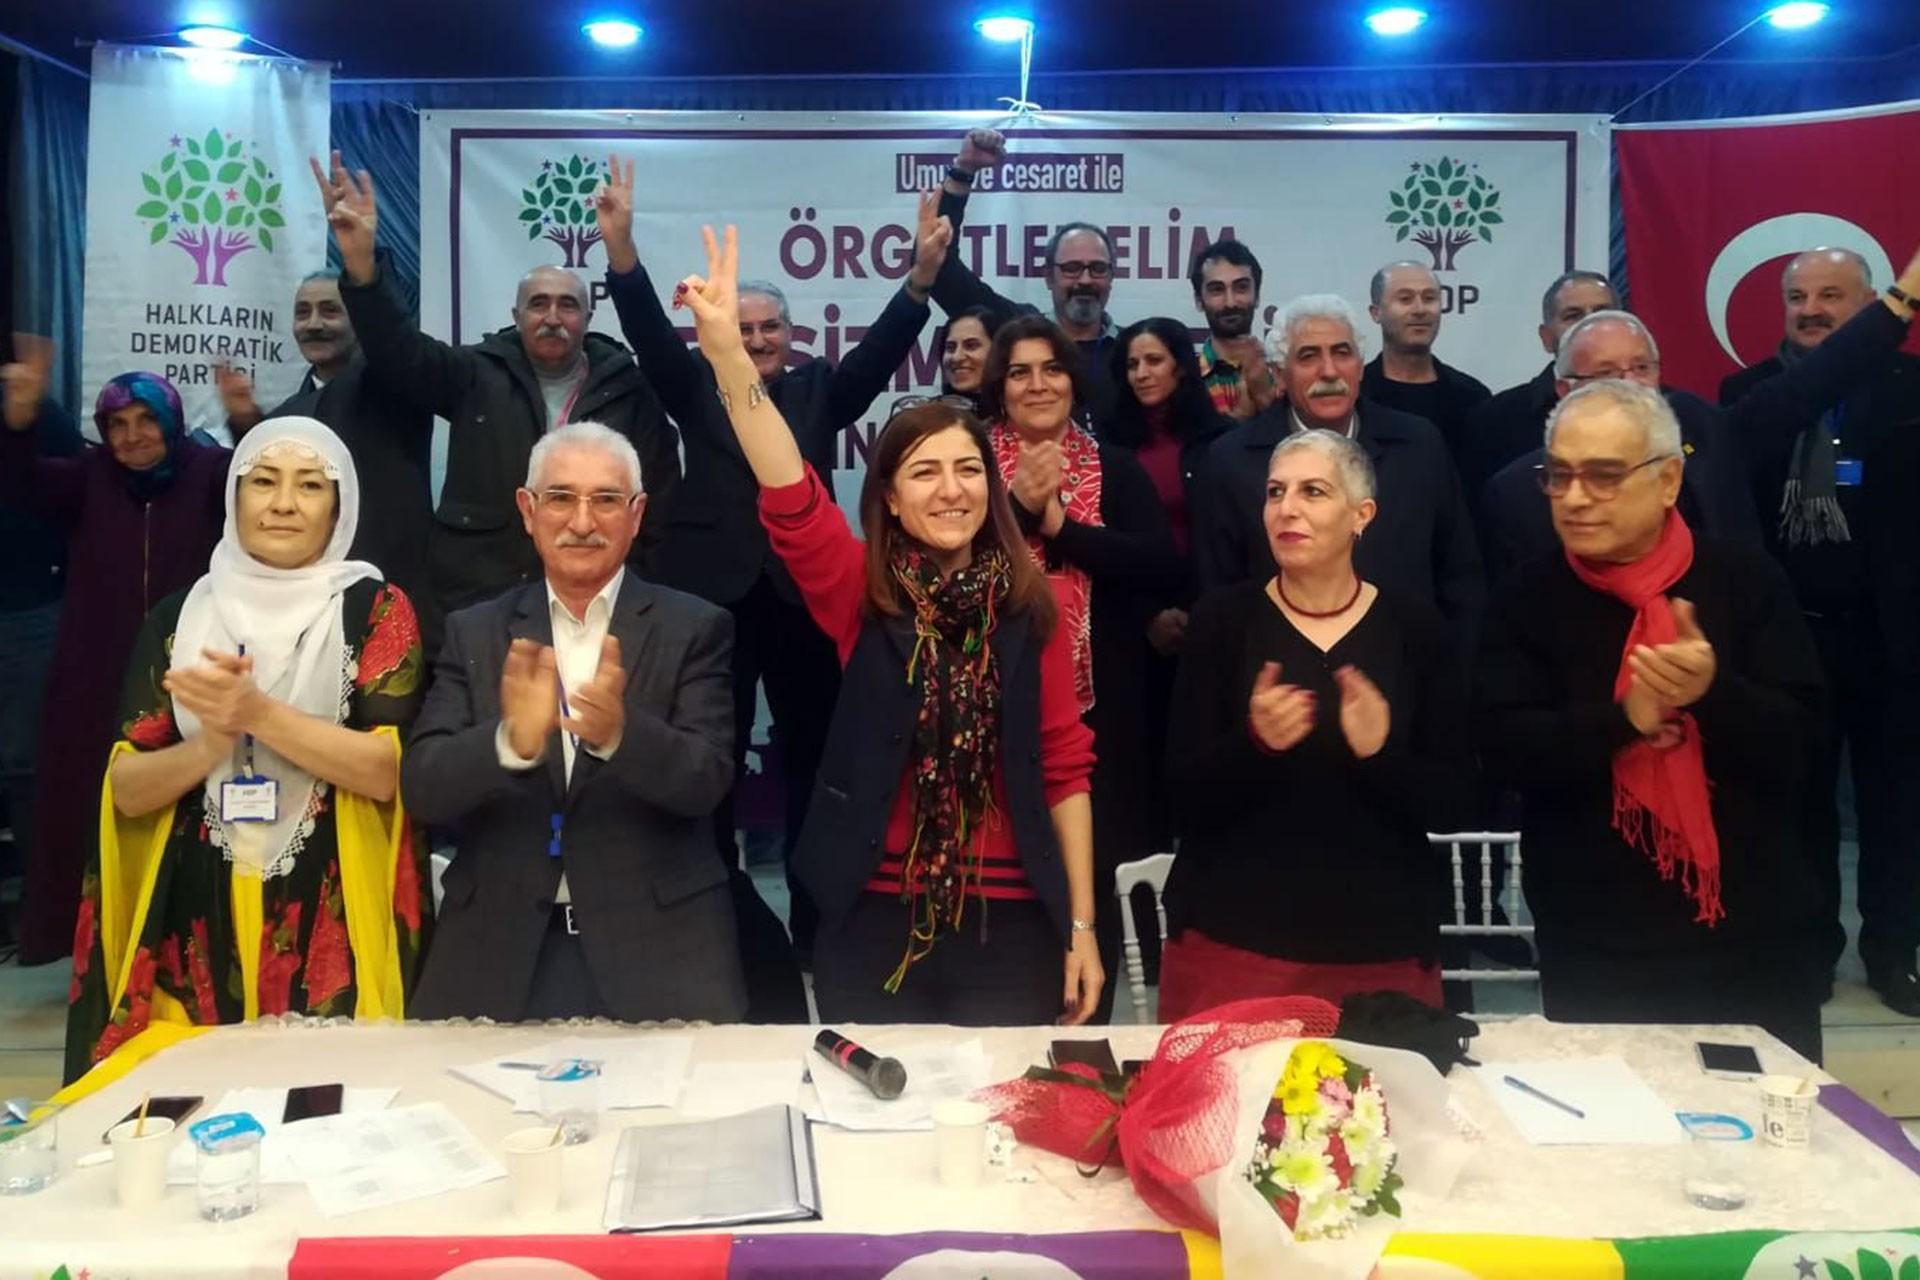 HDP Kocaeli İl Örgütü 3. olağan genel kurulundan